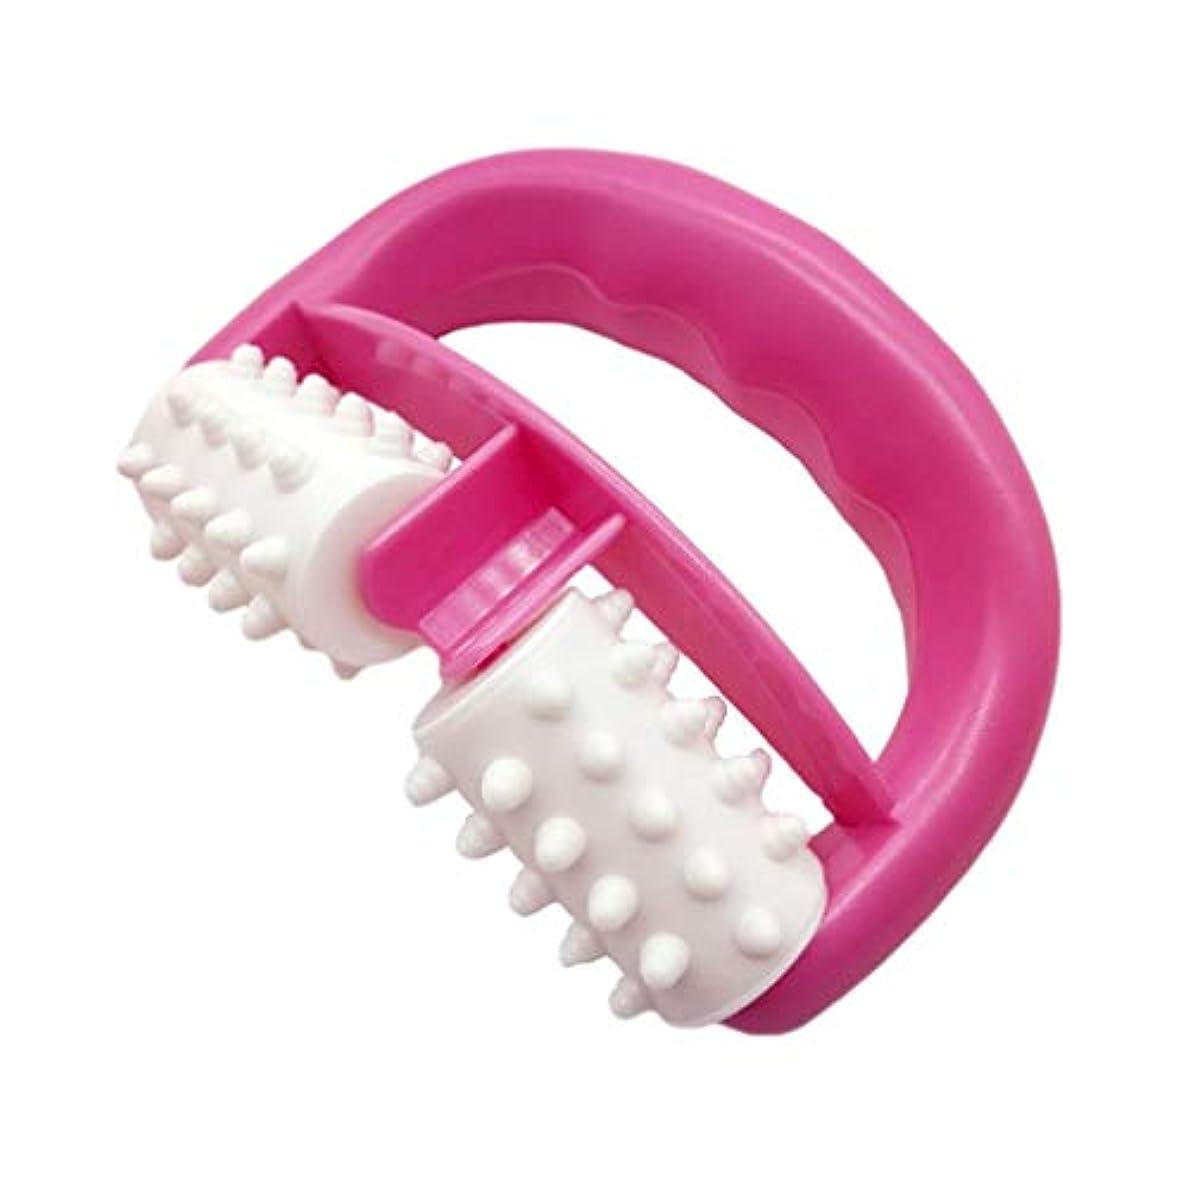 ジェーンオースティンバット生き返らせるローラーマッサージャー - マニュアルローラーマッサージャー/マッサージ?完璧な体験を提供します。ピンク